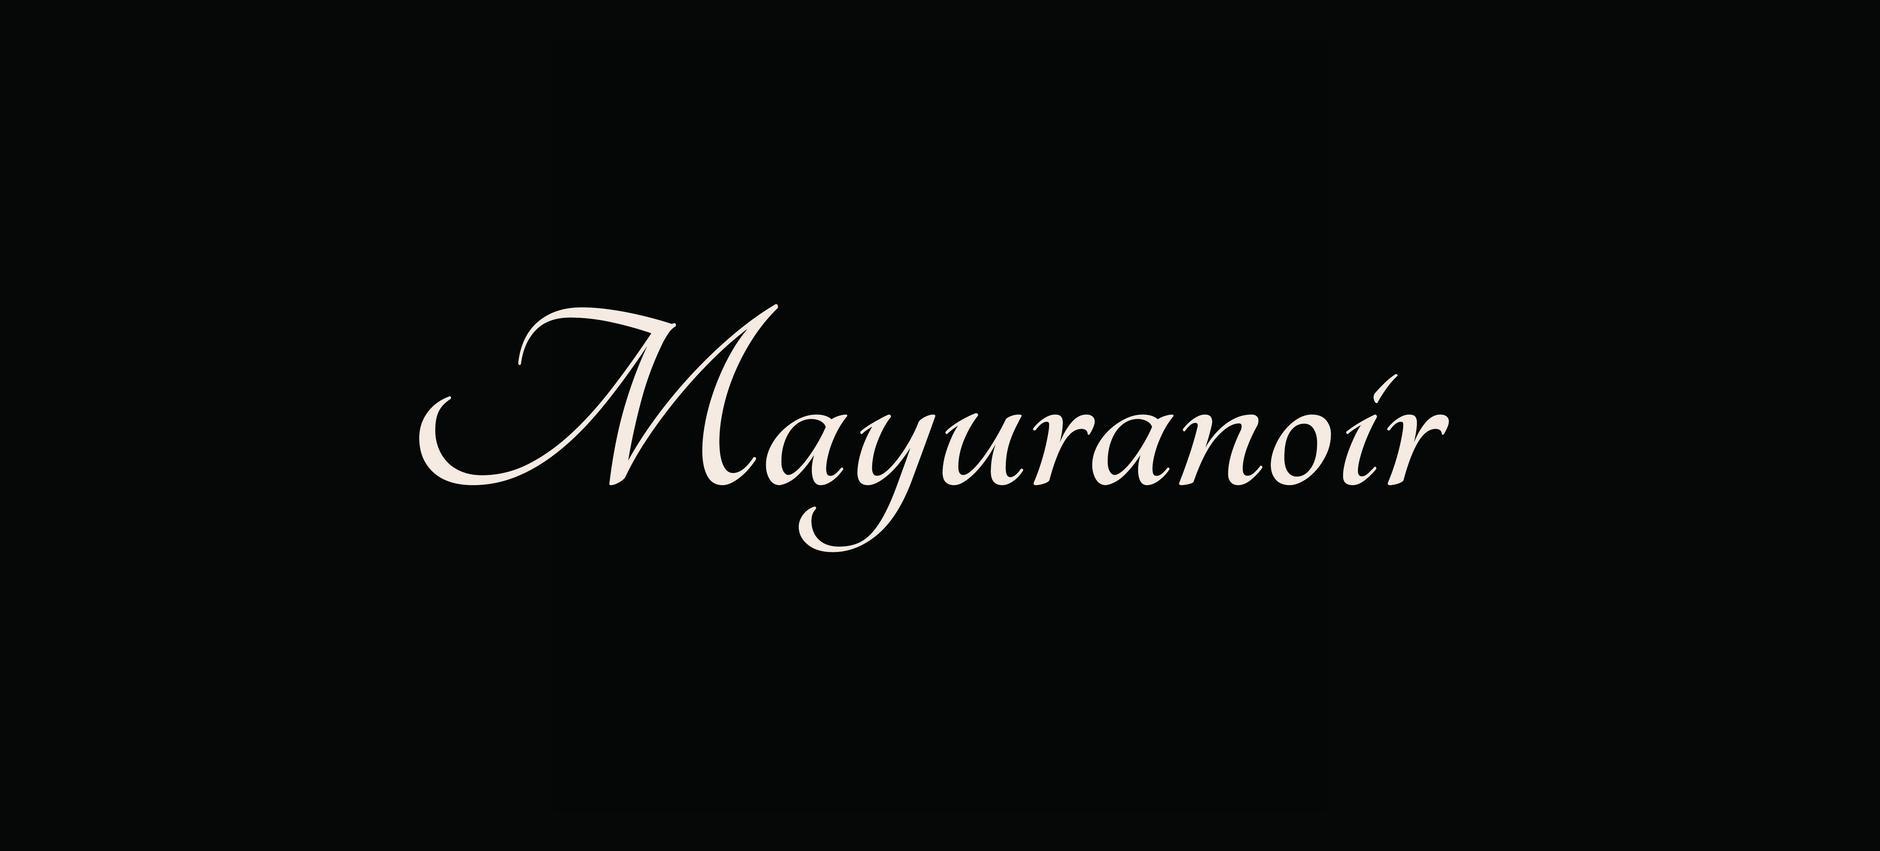 Mayuranoir